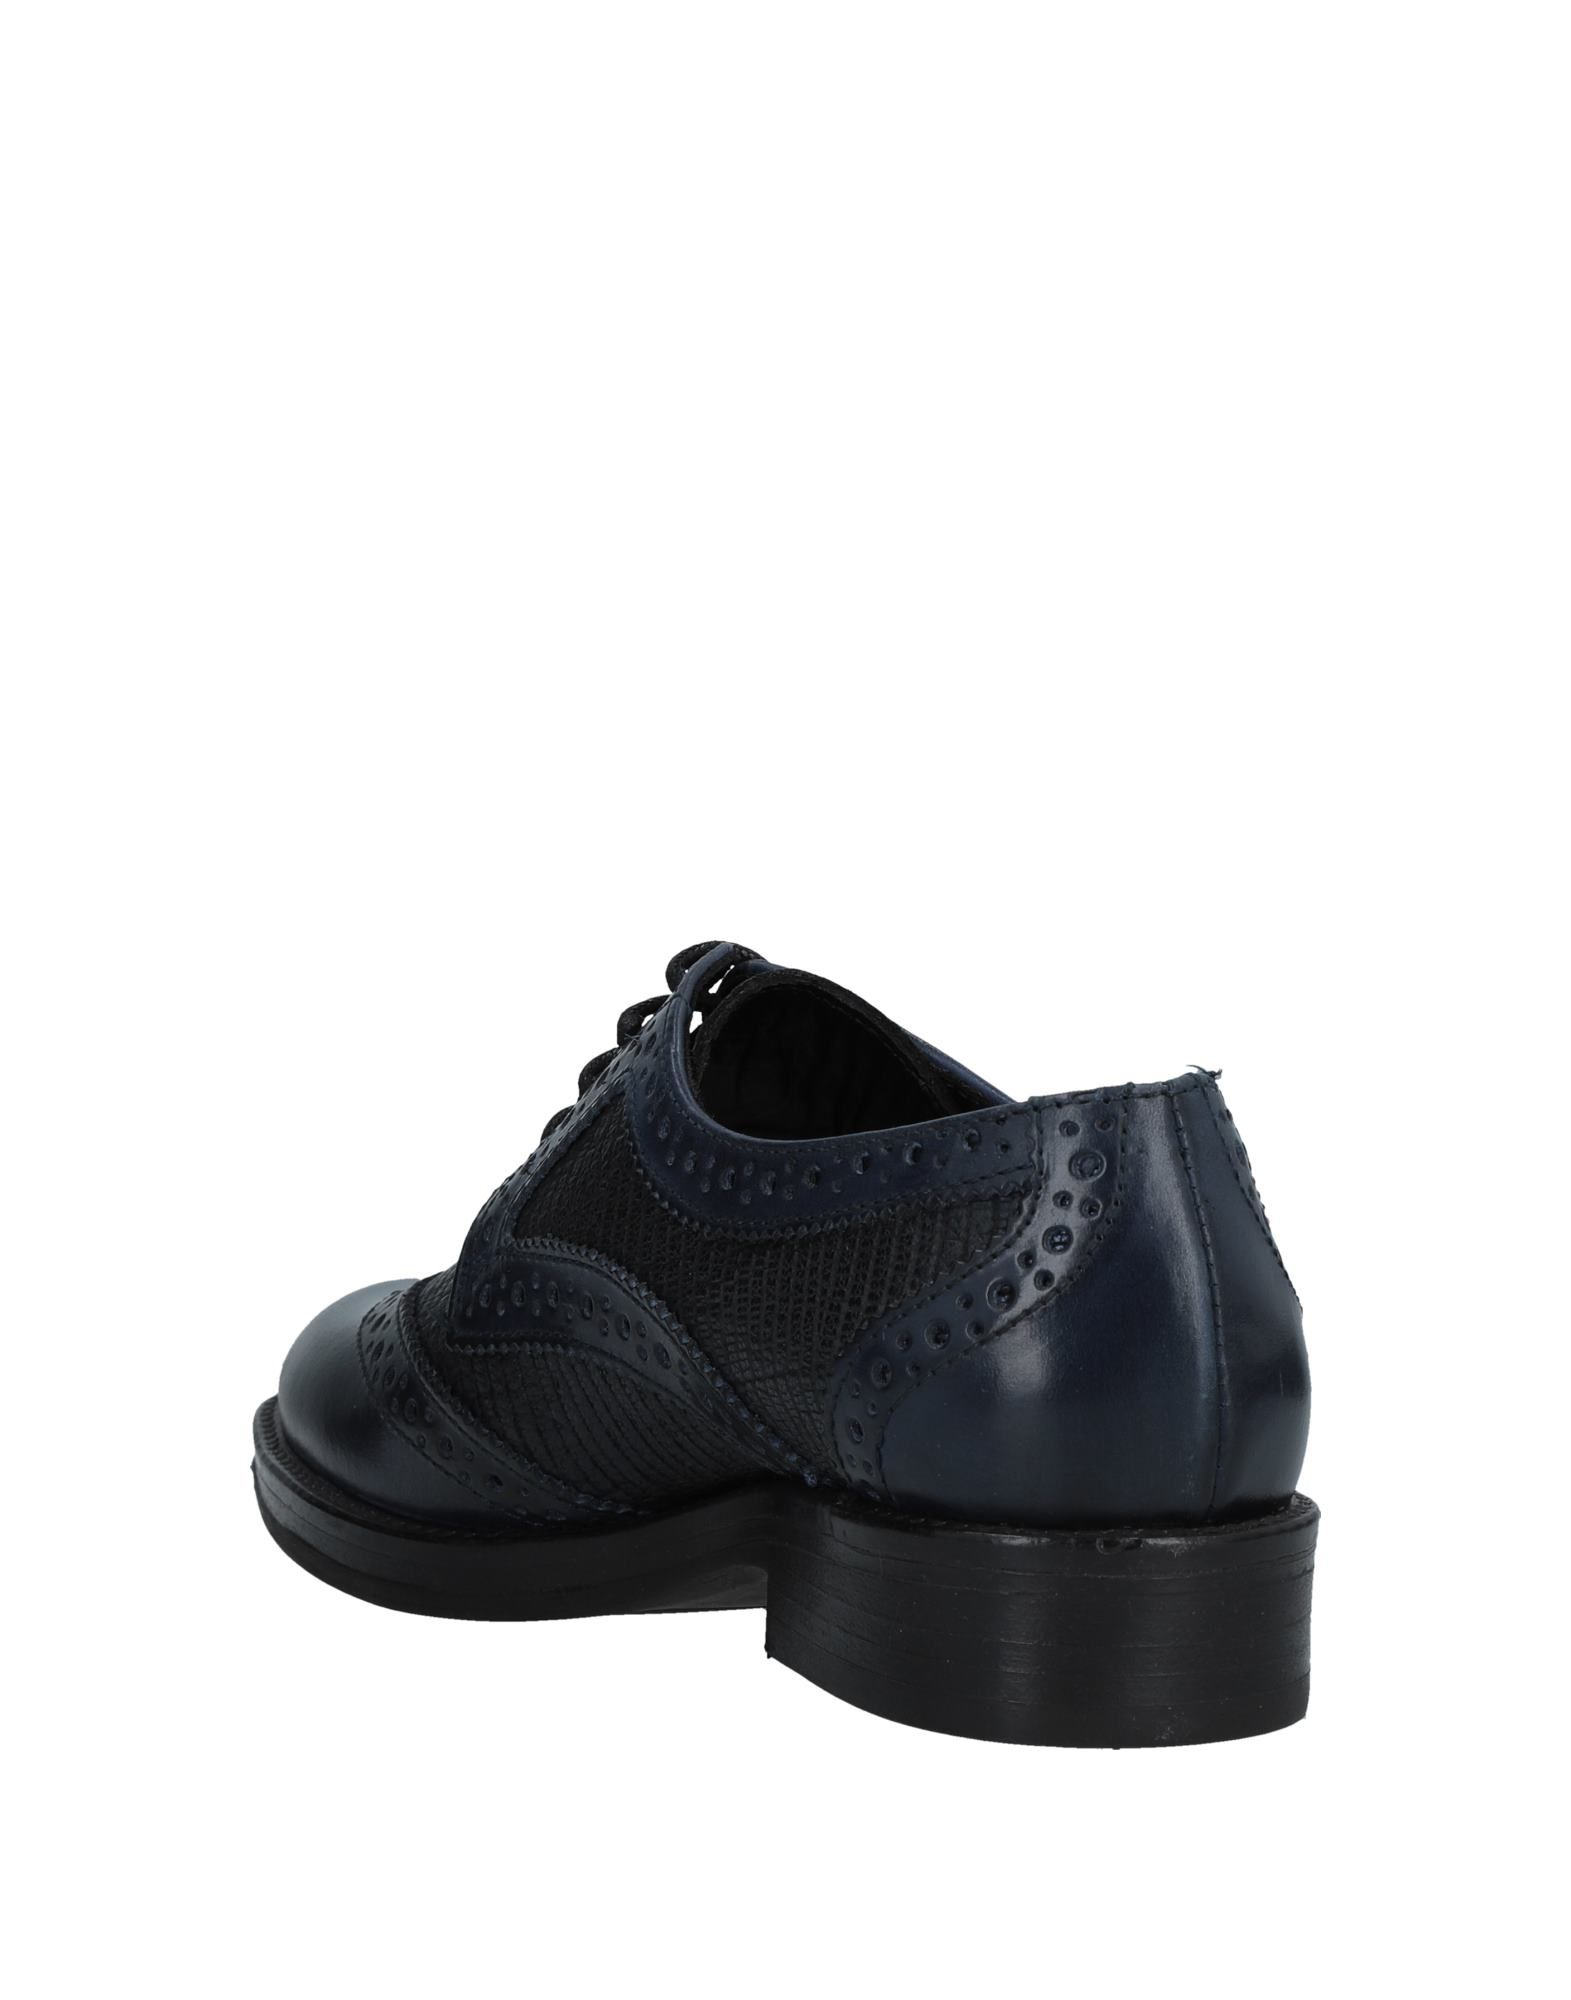 Donna Più Schnürschuhe Damen  Schuhe 11528583UV Gute Qualität beliebte Schuhe  09d68b